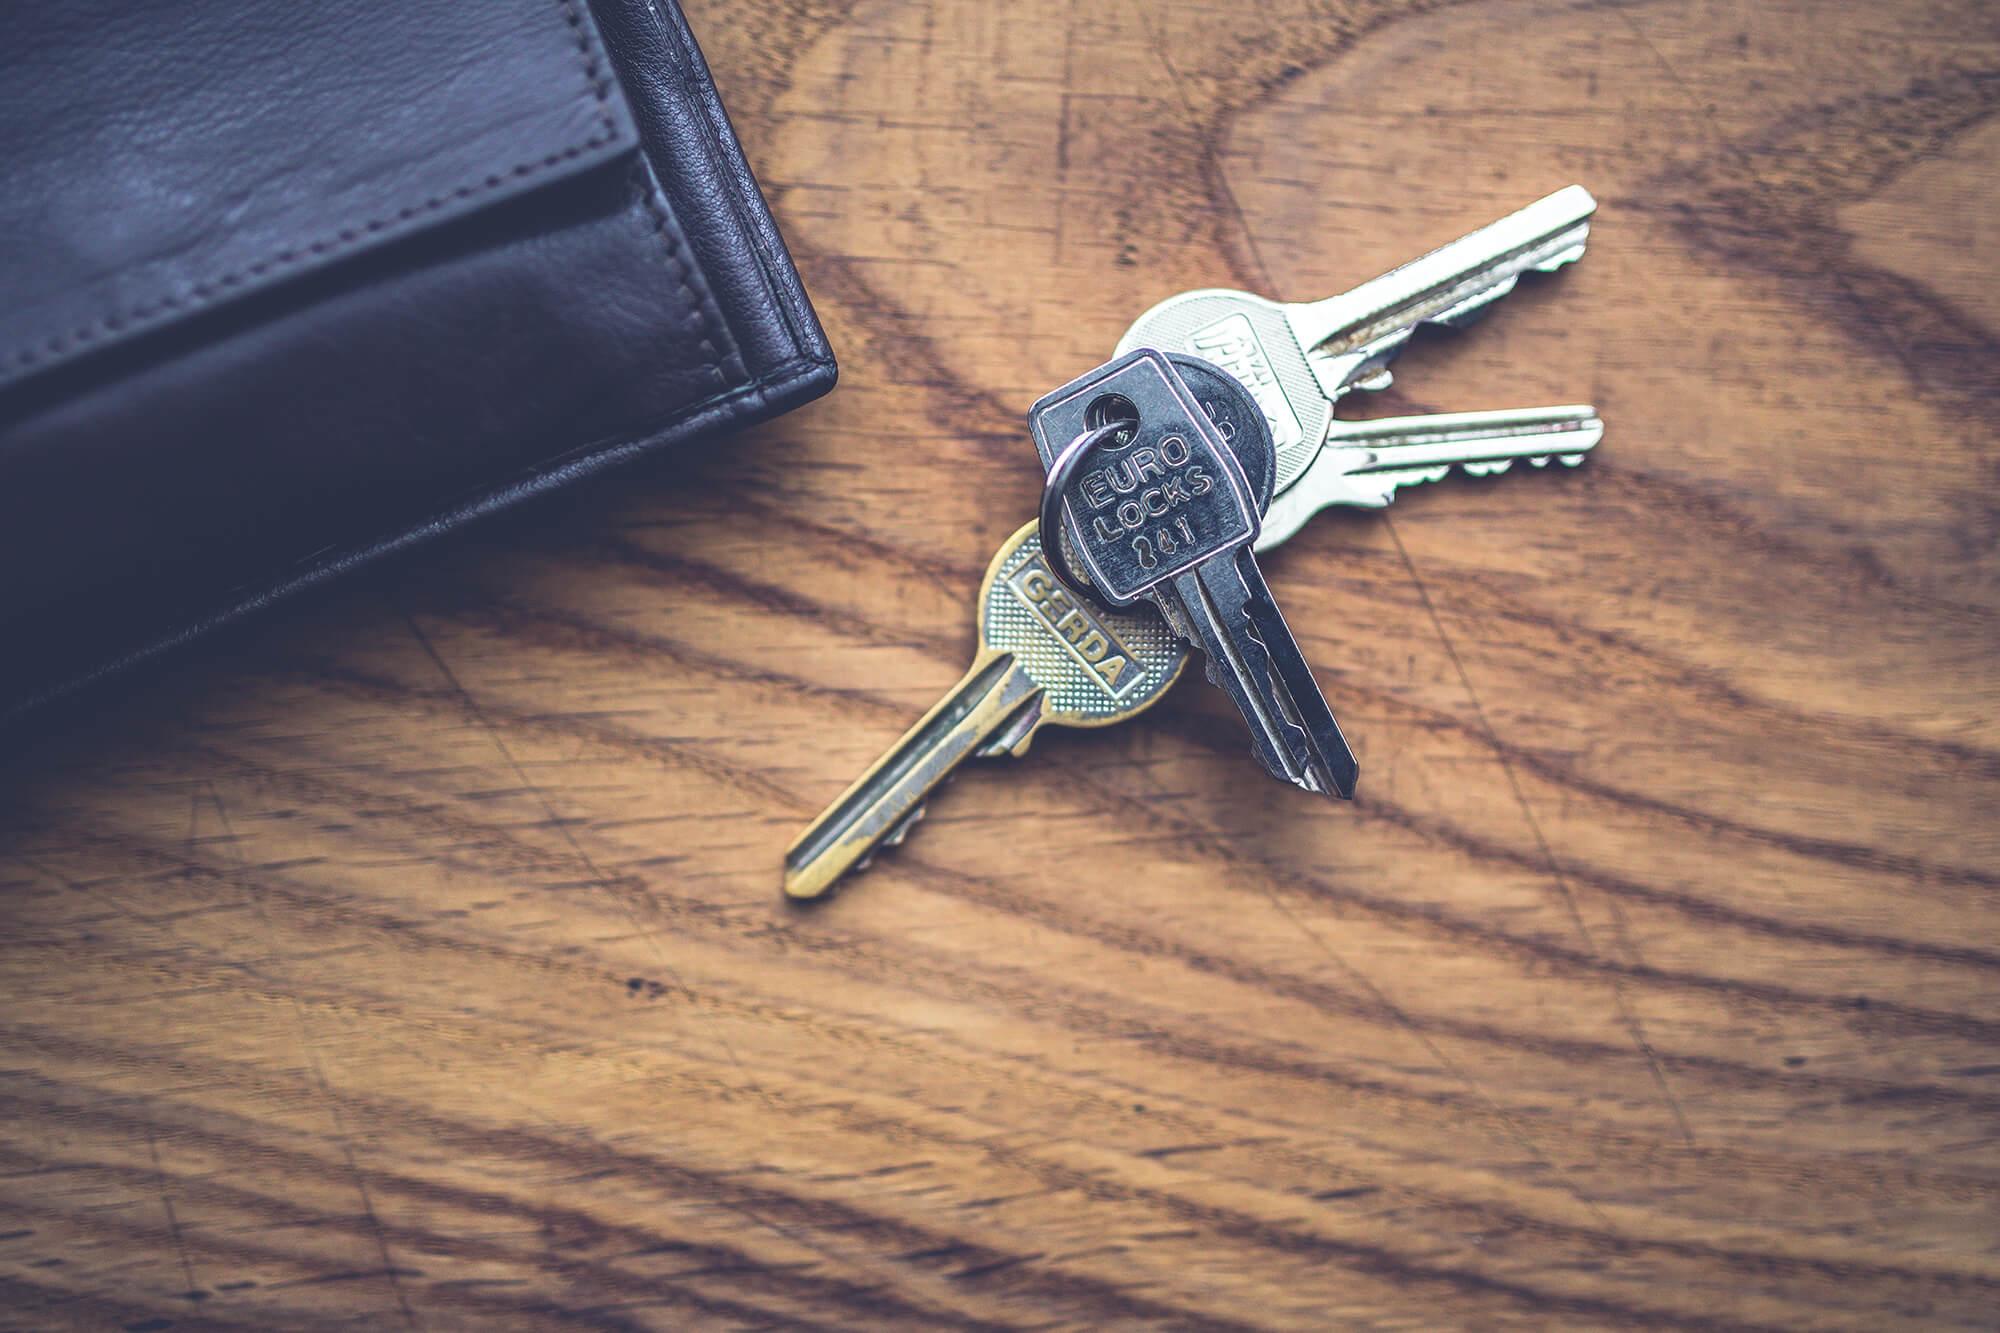 Asunnon osto - Lyhyt opas ja muistilista asunnon ostajalle